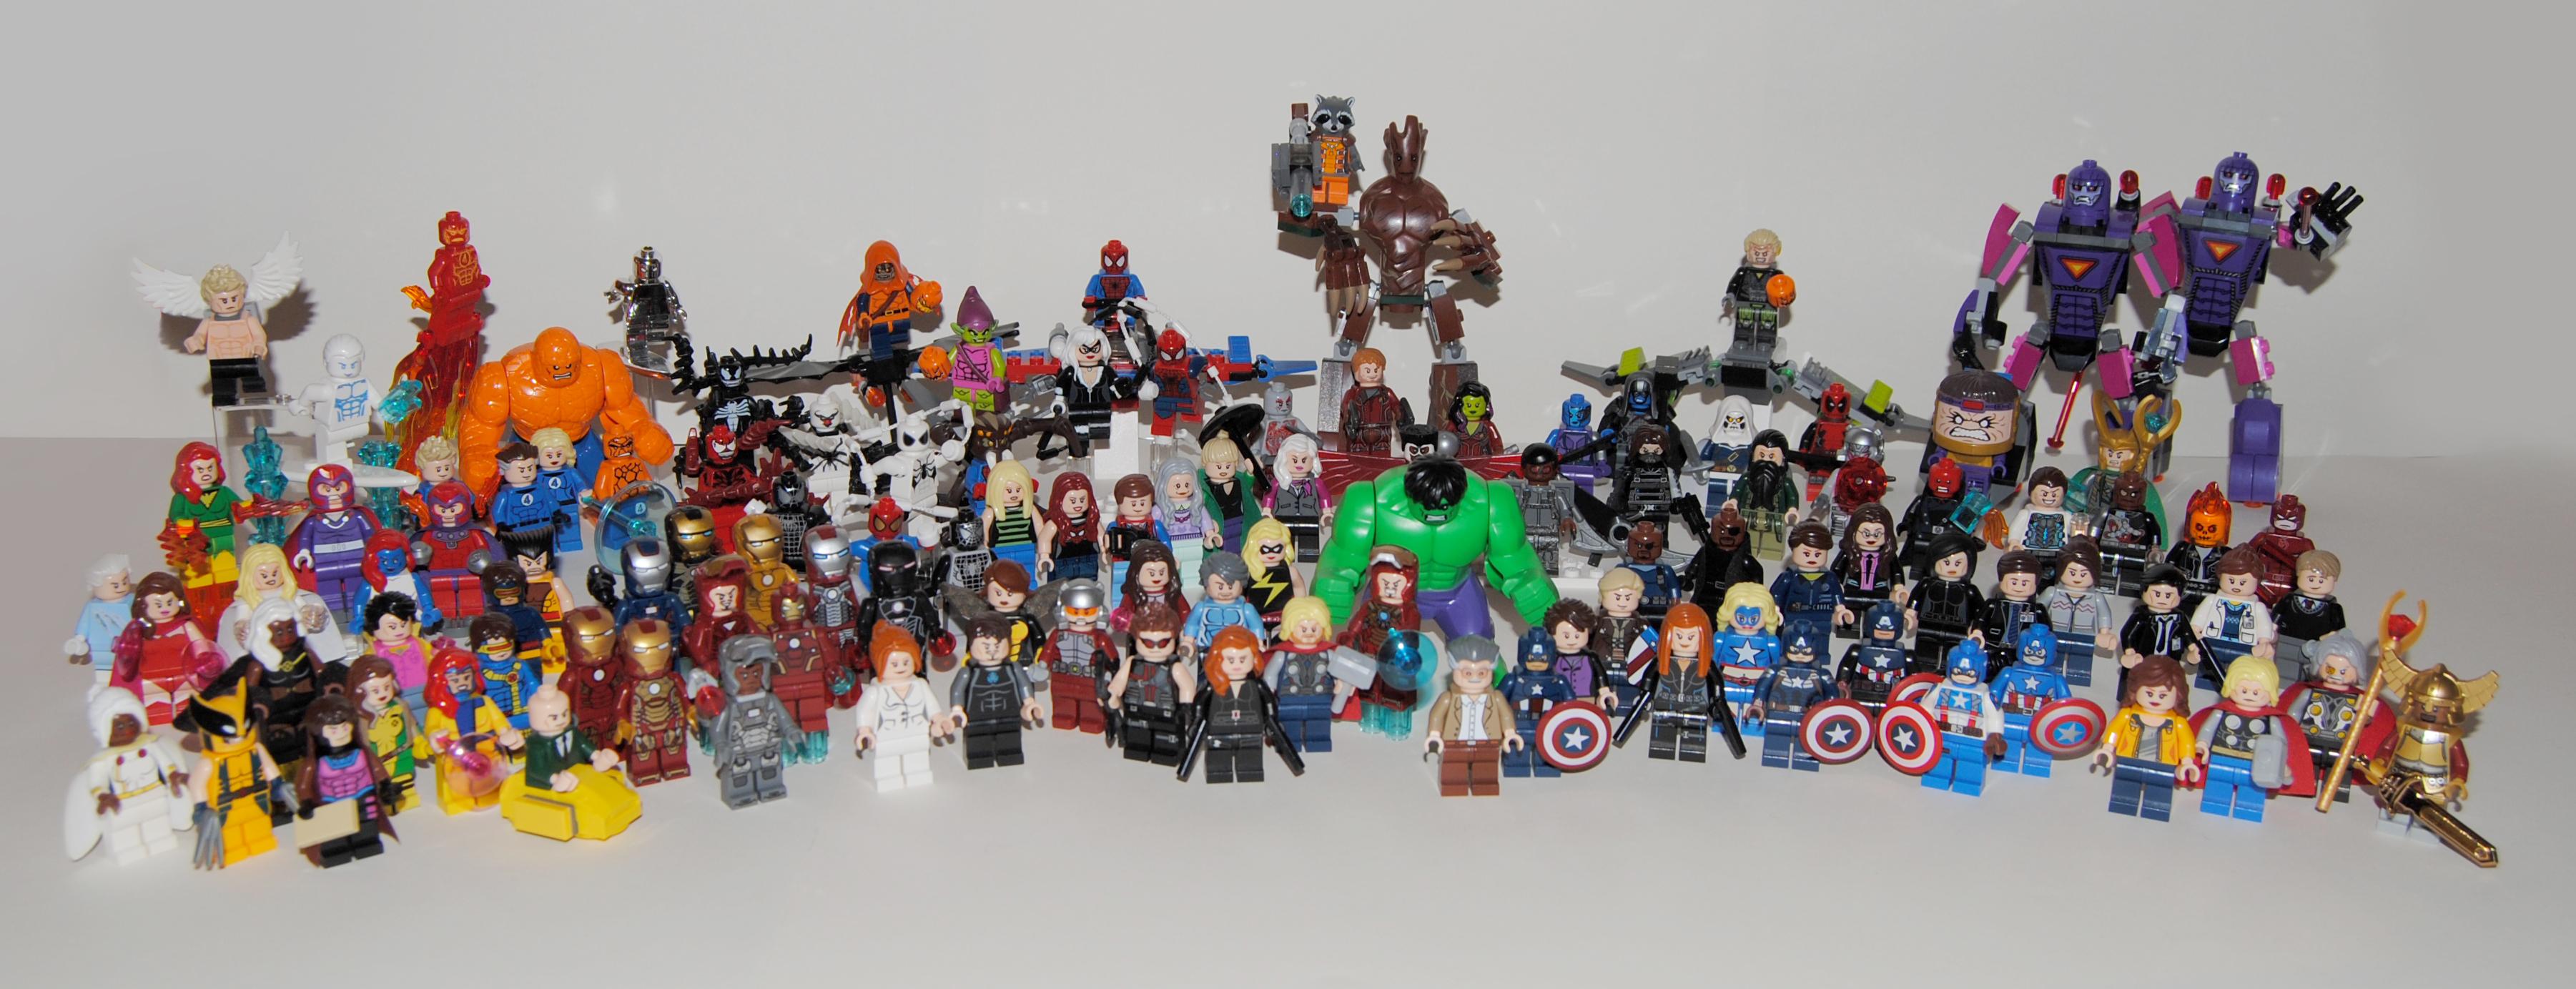 Wallpaper Black Thor Galaxy Lego Hulk Venom Toy Widow